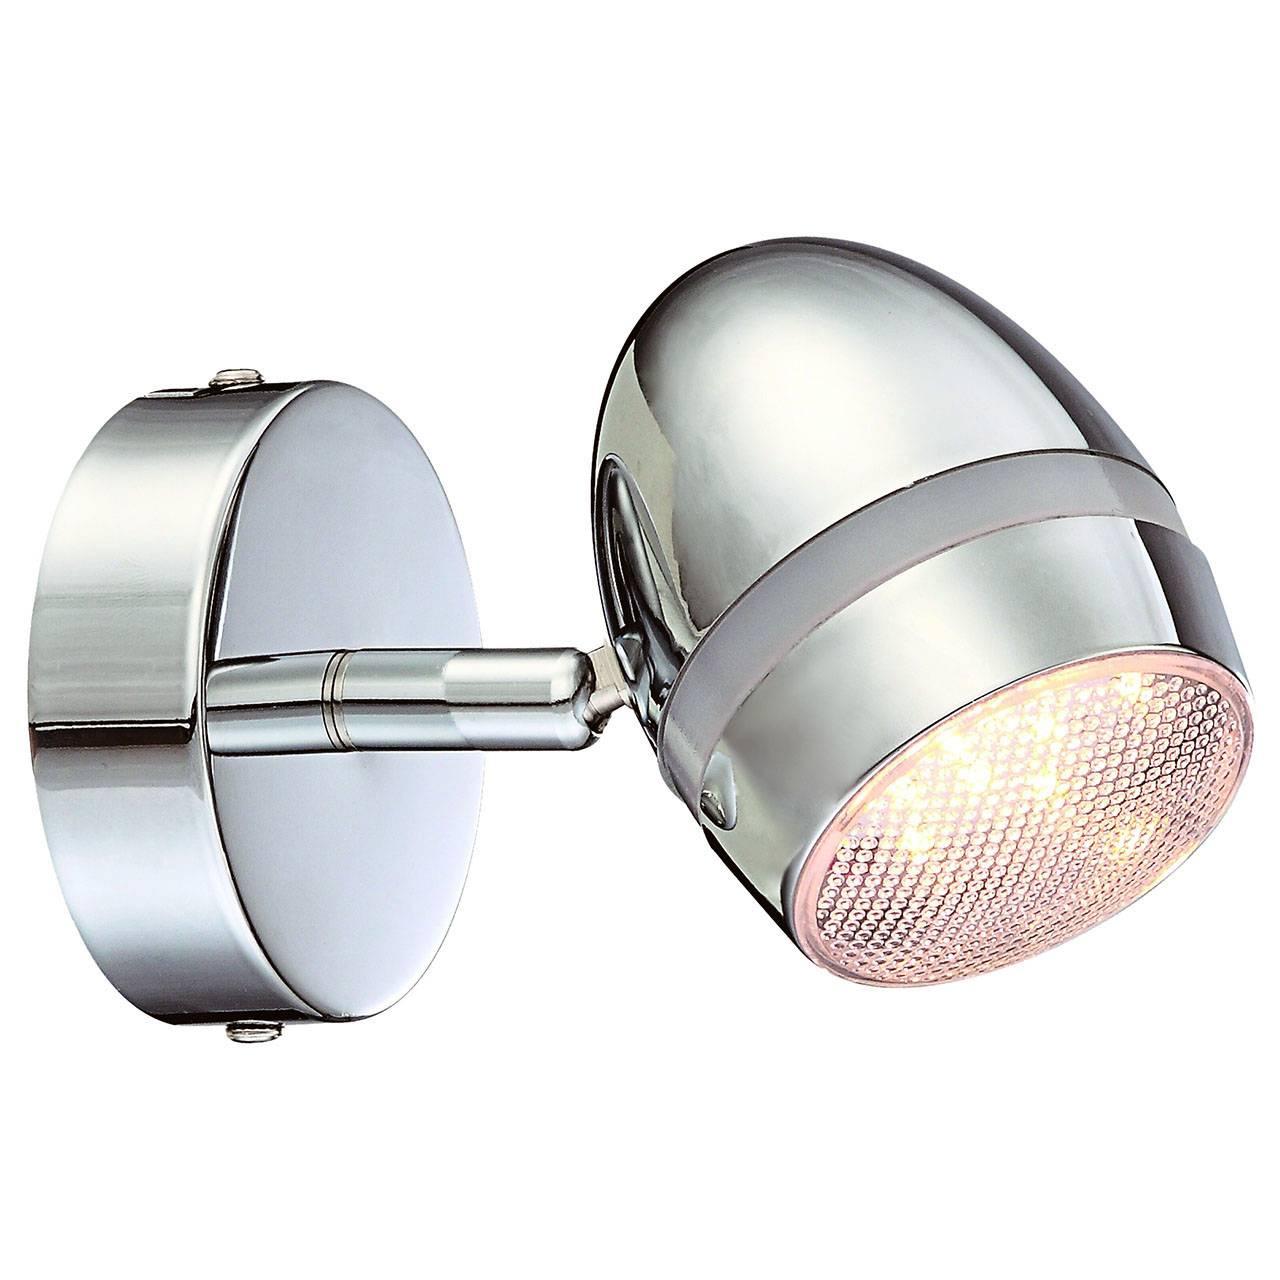 все цены на Спот Arte Lamp, LED, 3 Вт онлайн